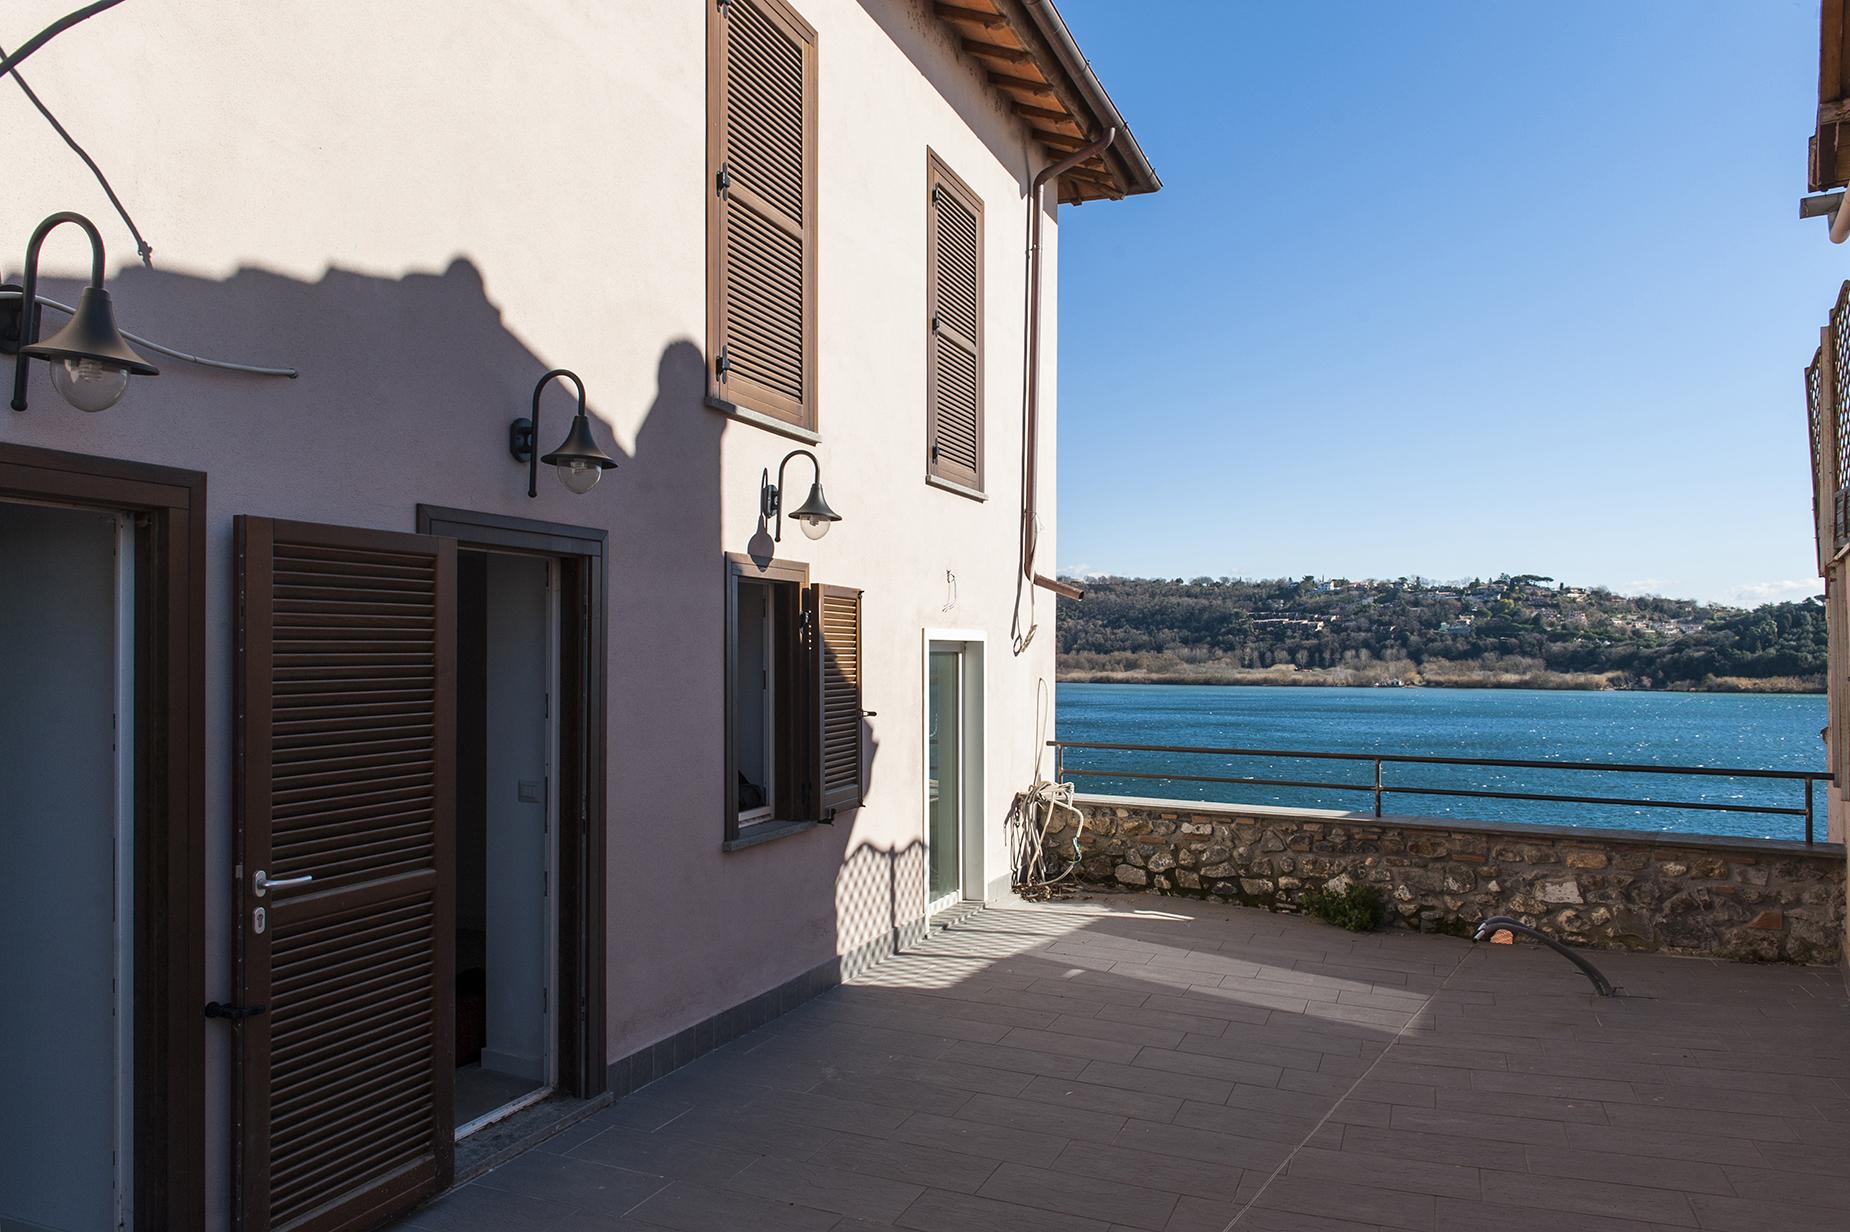 Casa indipendente in Vendita a Trevignano Romano: 5 locali, 163 mq - Foto 4